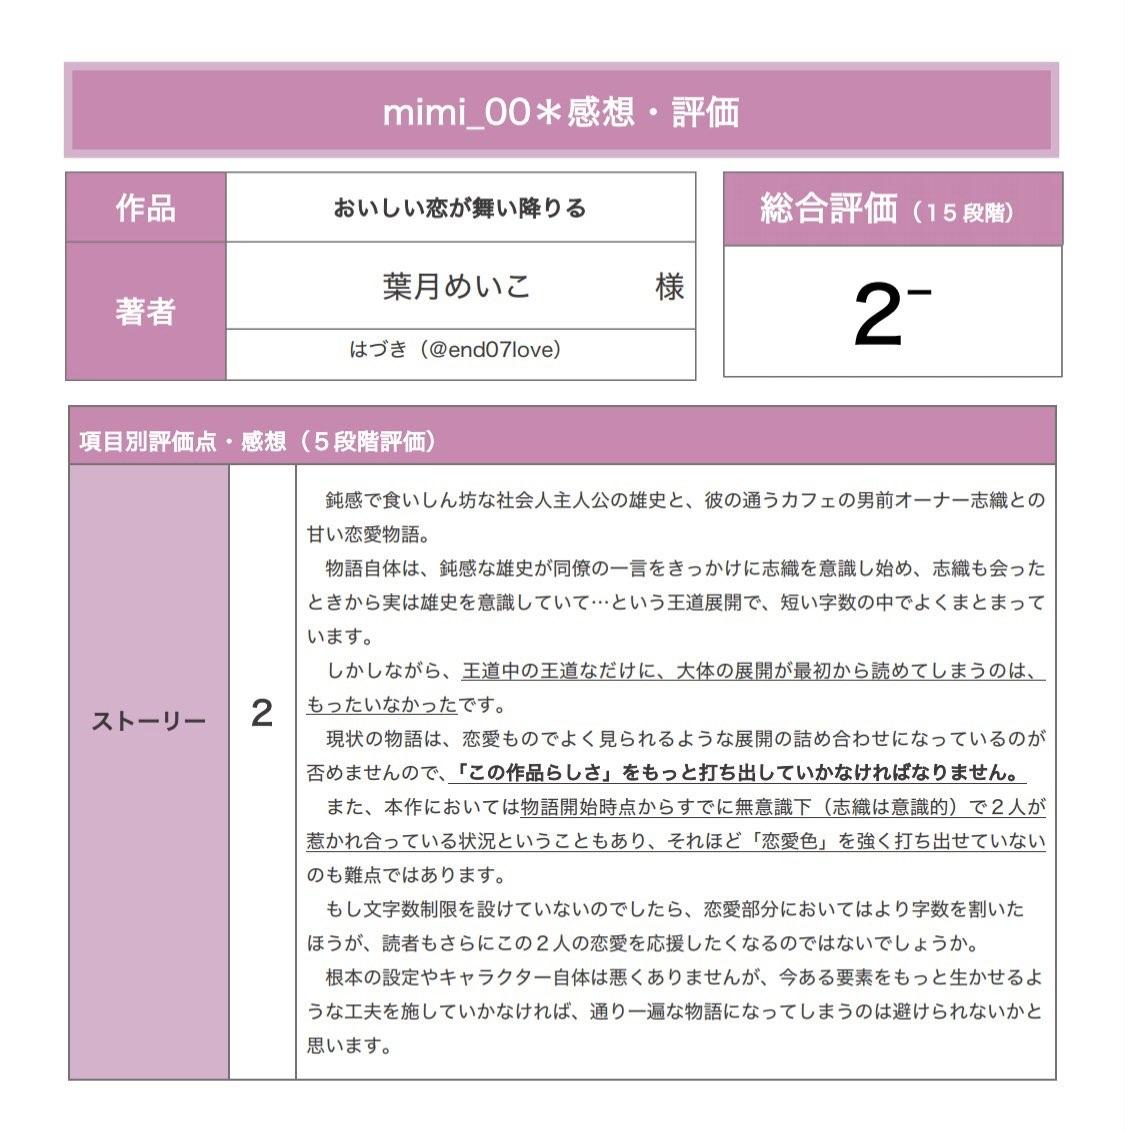 f:id:end07love:20200401102407j:plain